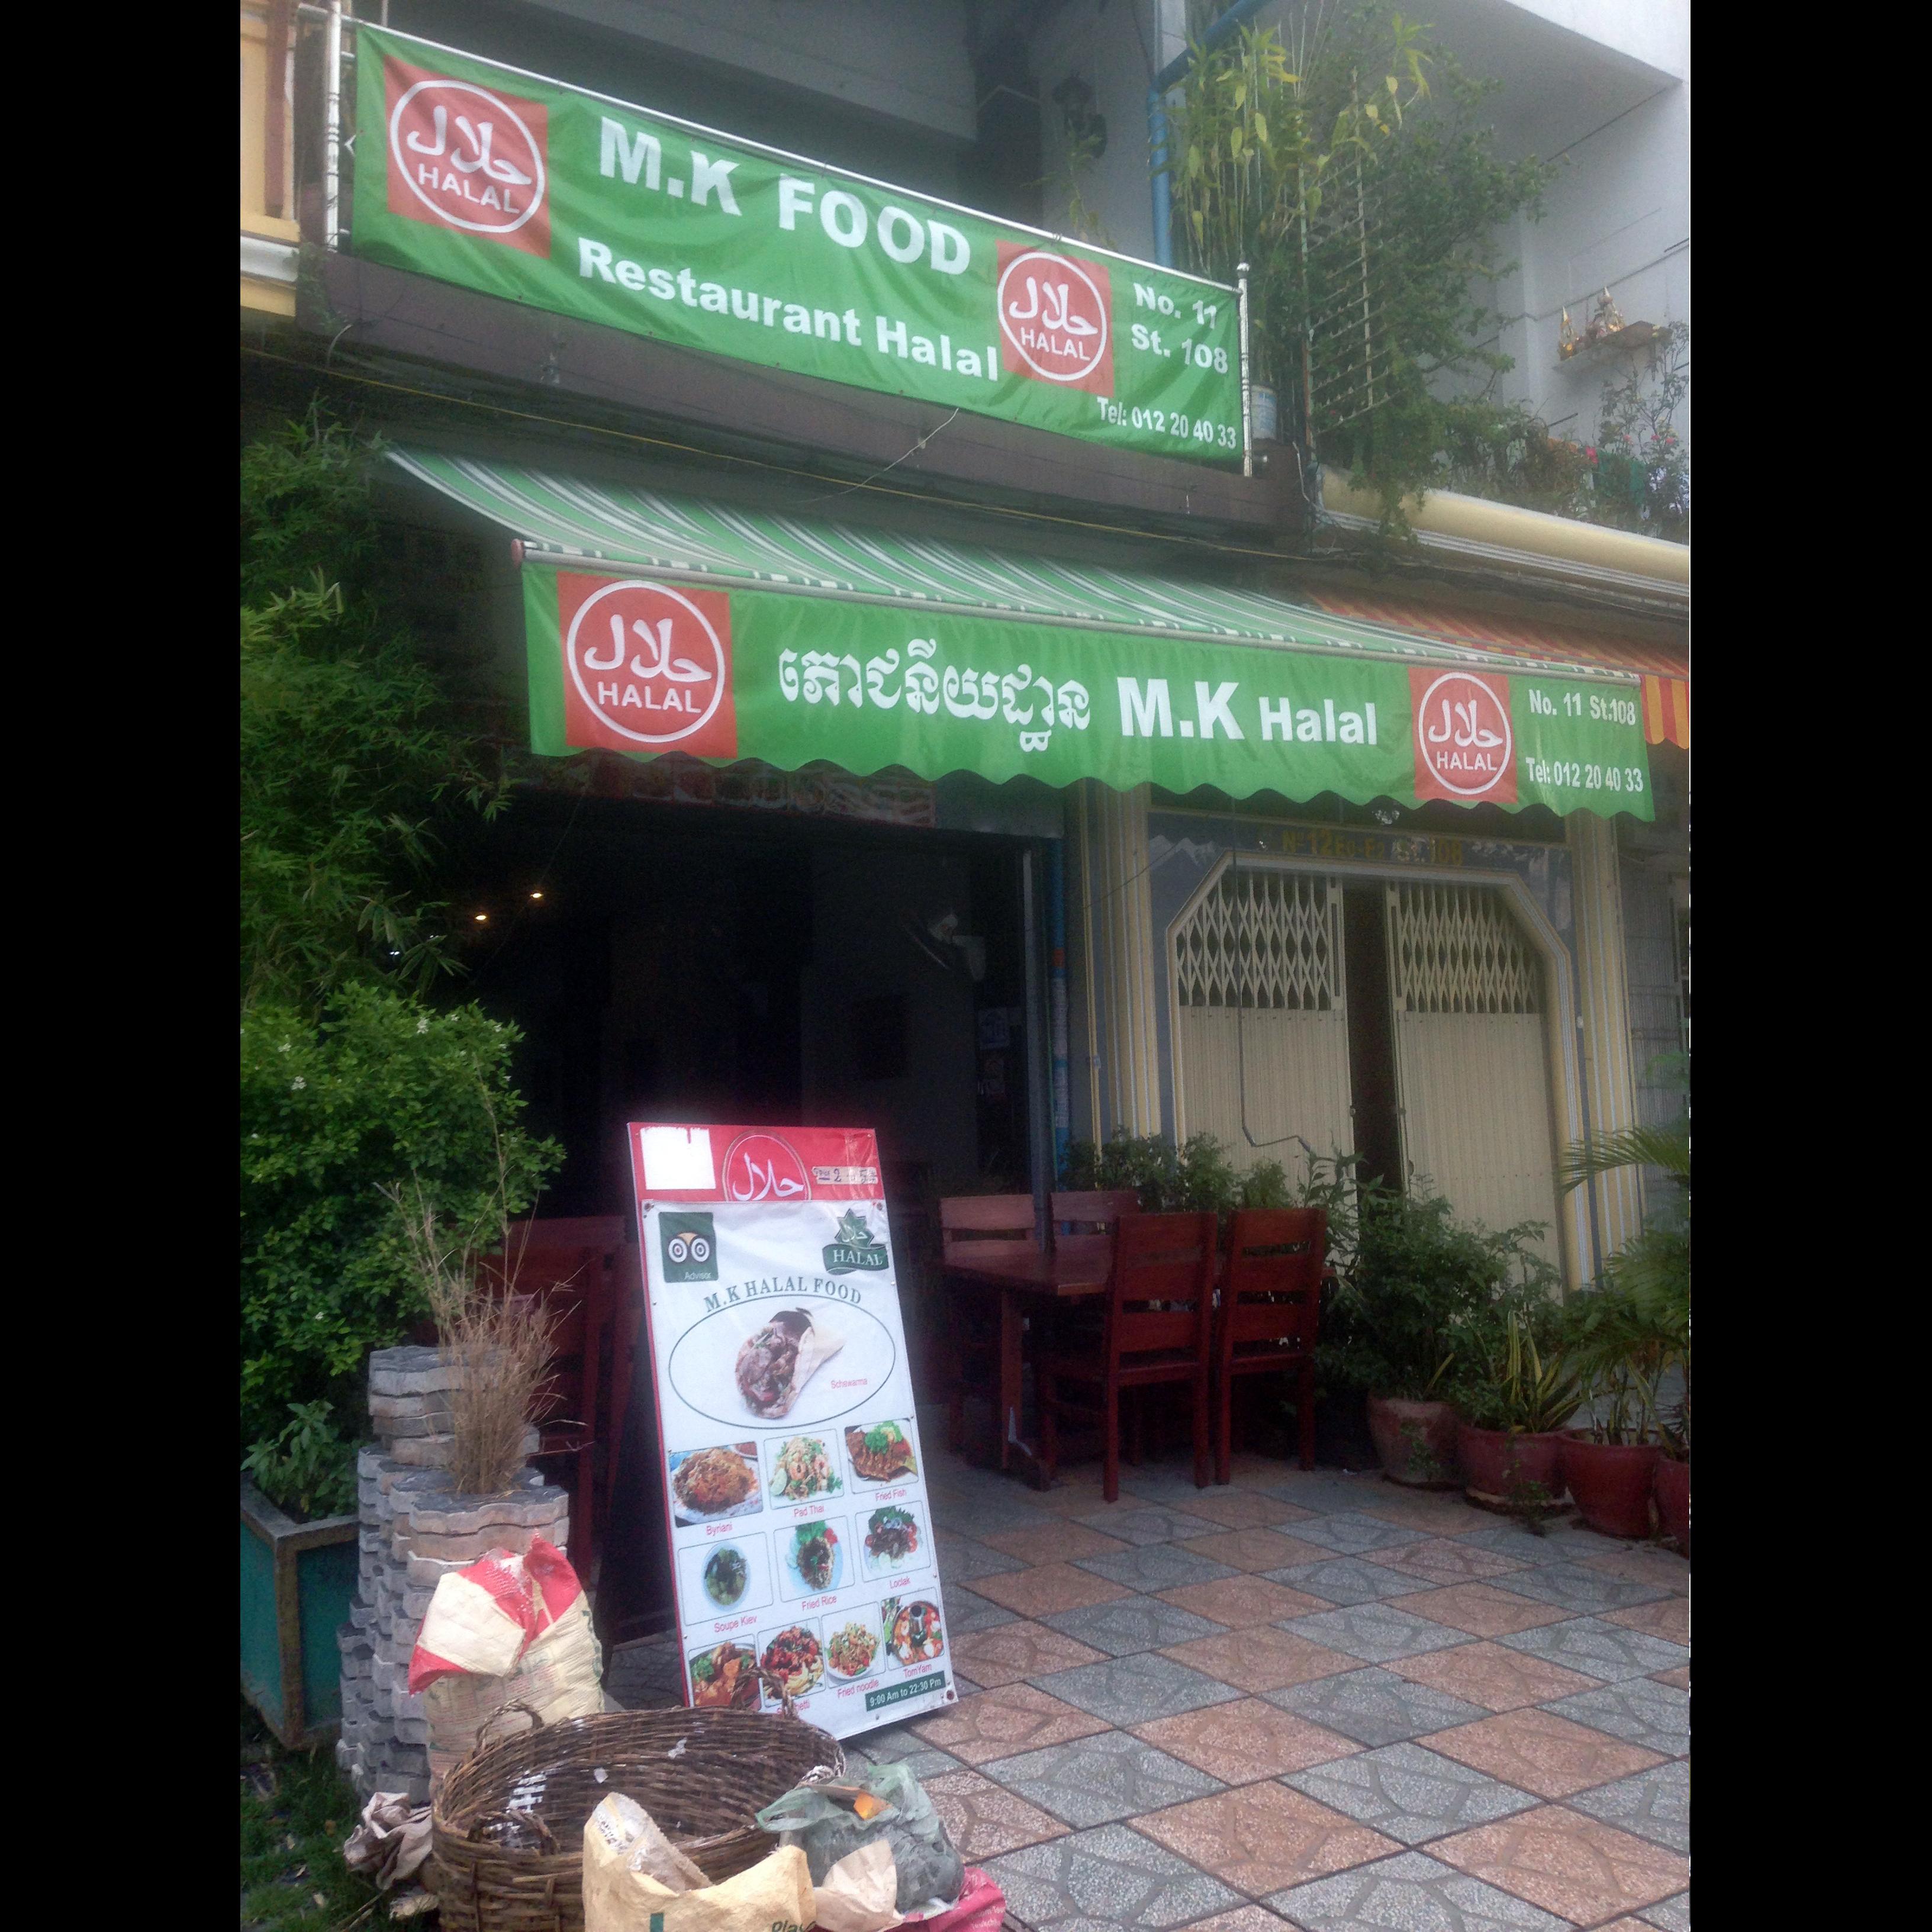 Image result for M.K Halal Restaurant halal food